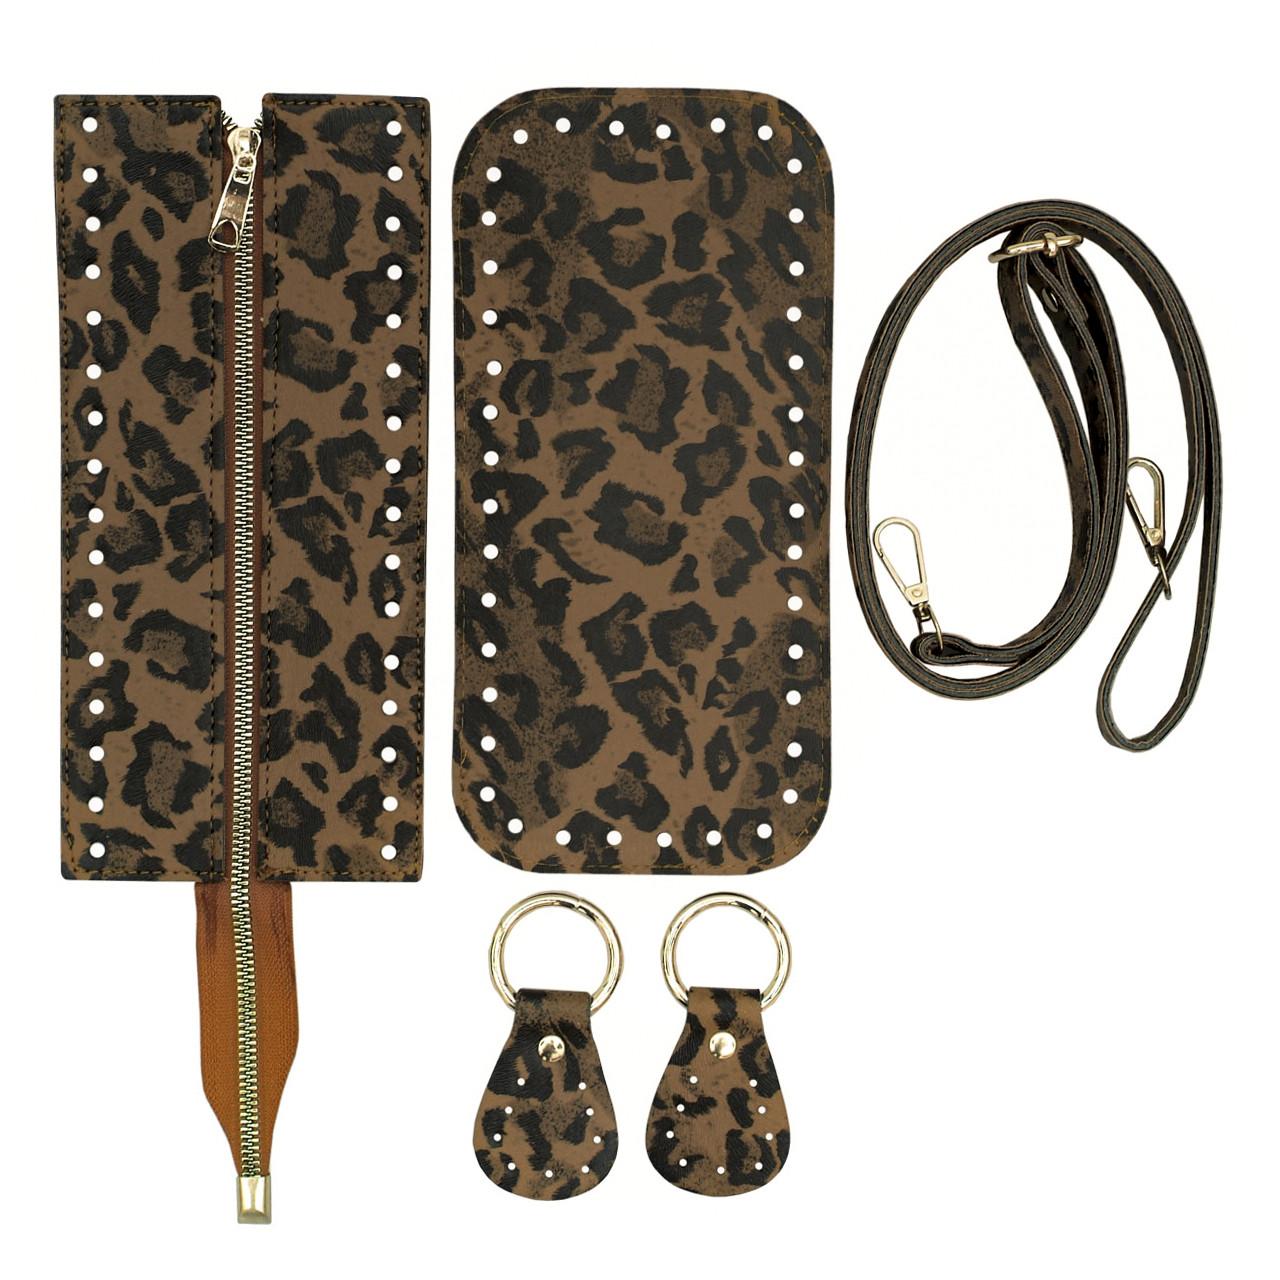 Набір для сумки екокожа Тигровий: денце+верх на змійці 12х25см з регульованою ручкою